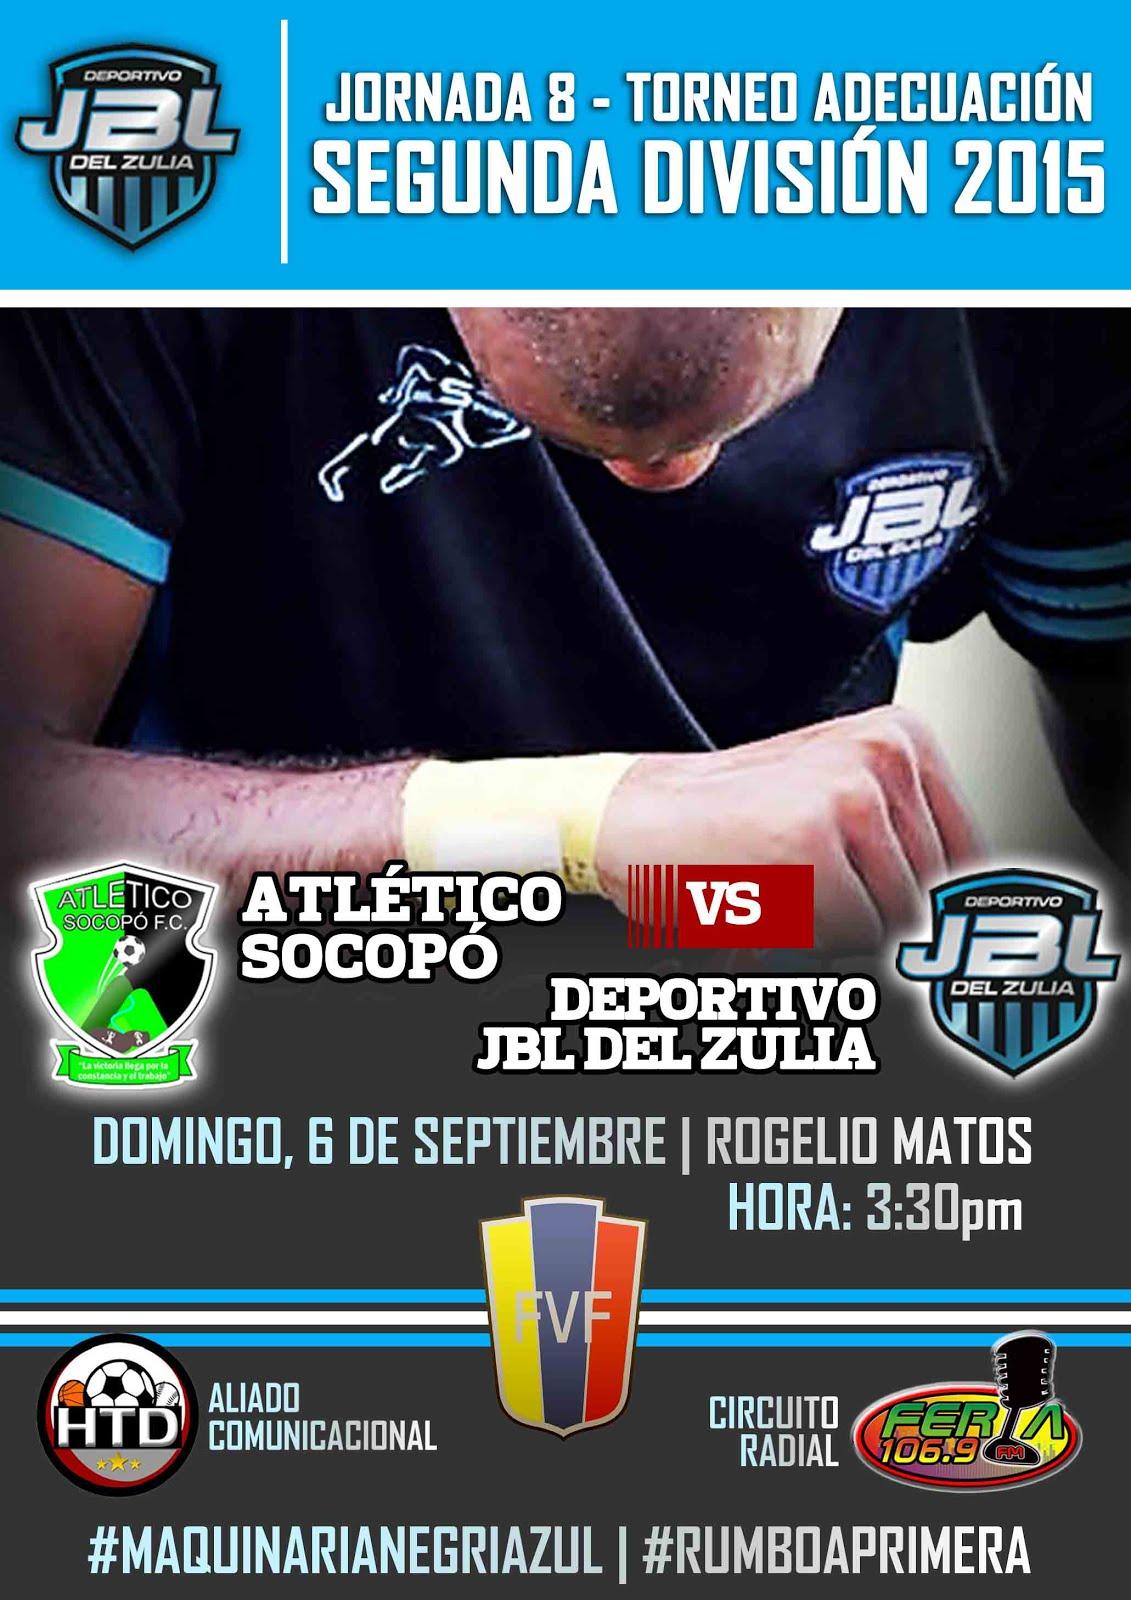 J8 Victoria de Atlético Socopó (4-2)